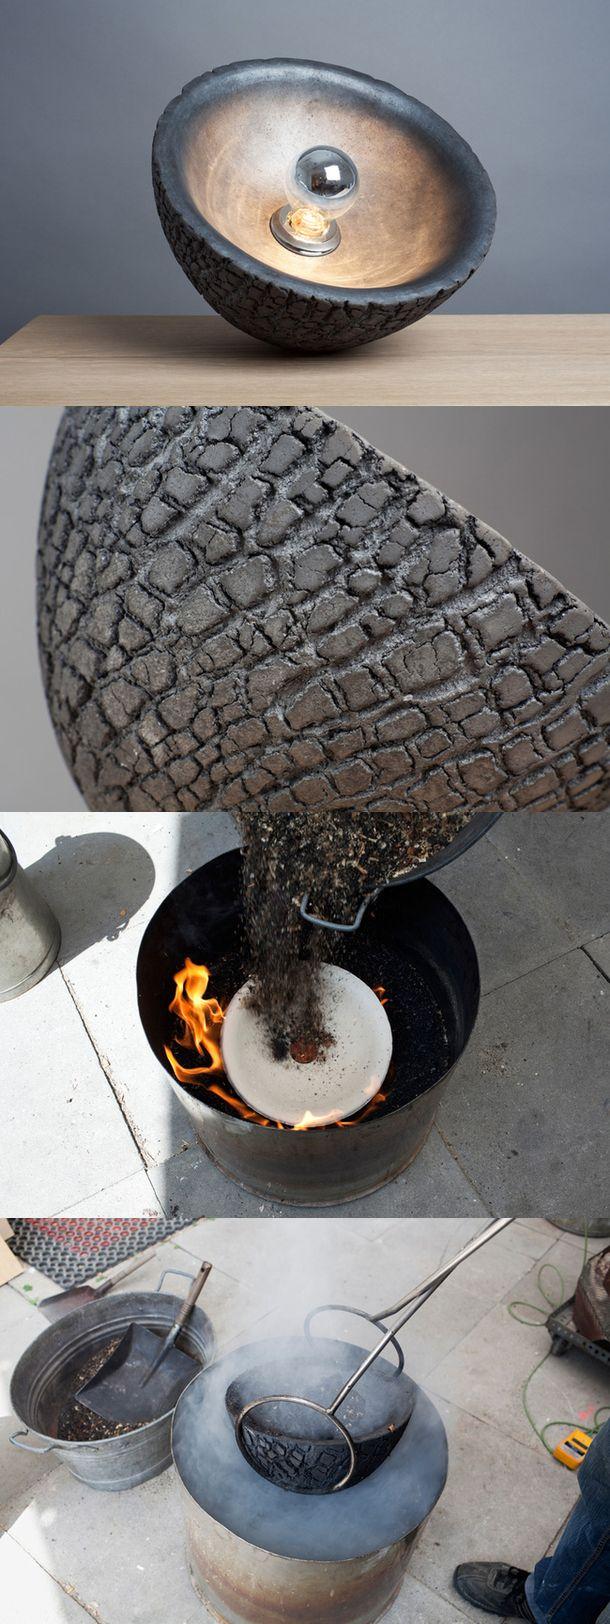 Дизайнер из Швейцарии Николас Керл придумал светильник Tortoise с оригинальной поверхностью, похожей на черепаший панцирь. #light #tortoise #design #nikolaskerl #editionnikolaskerl